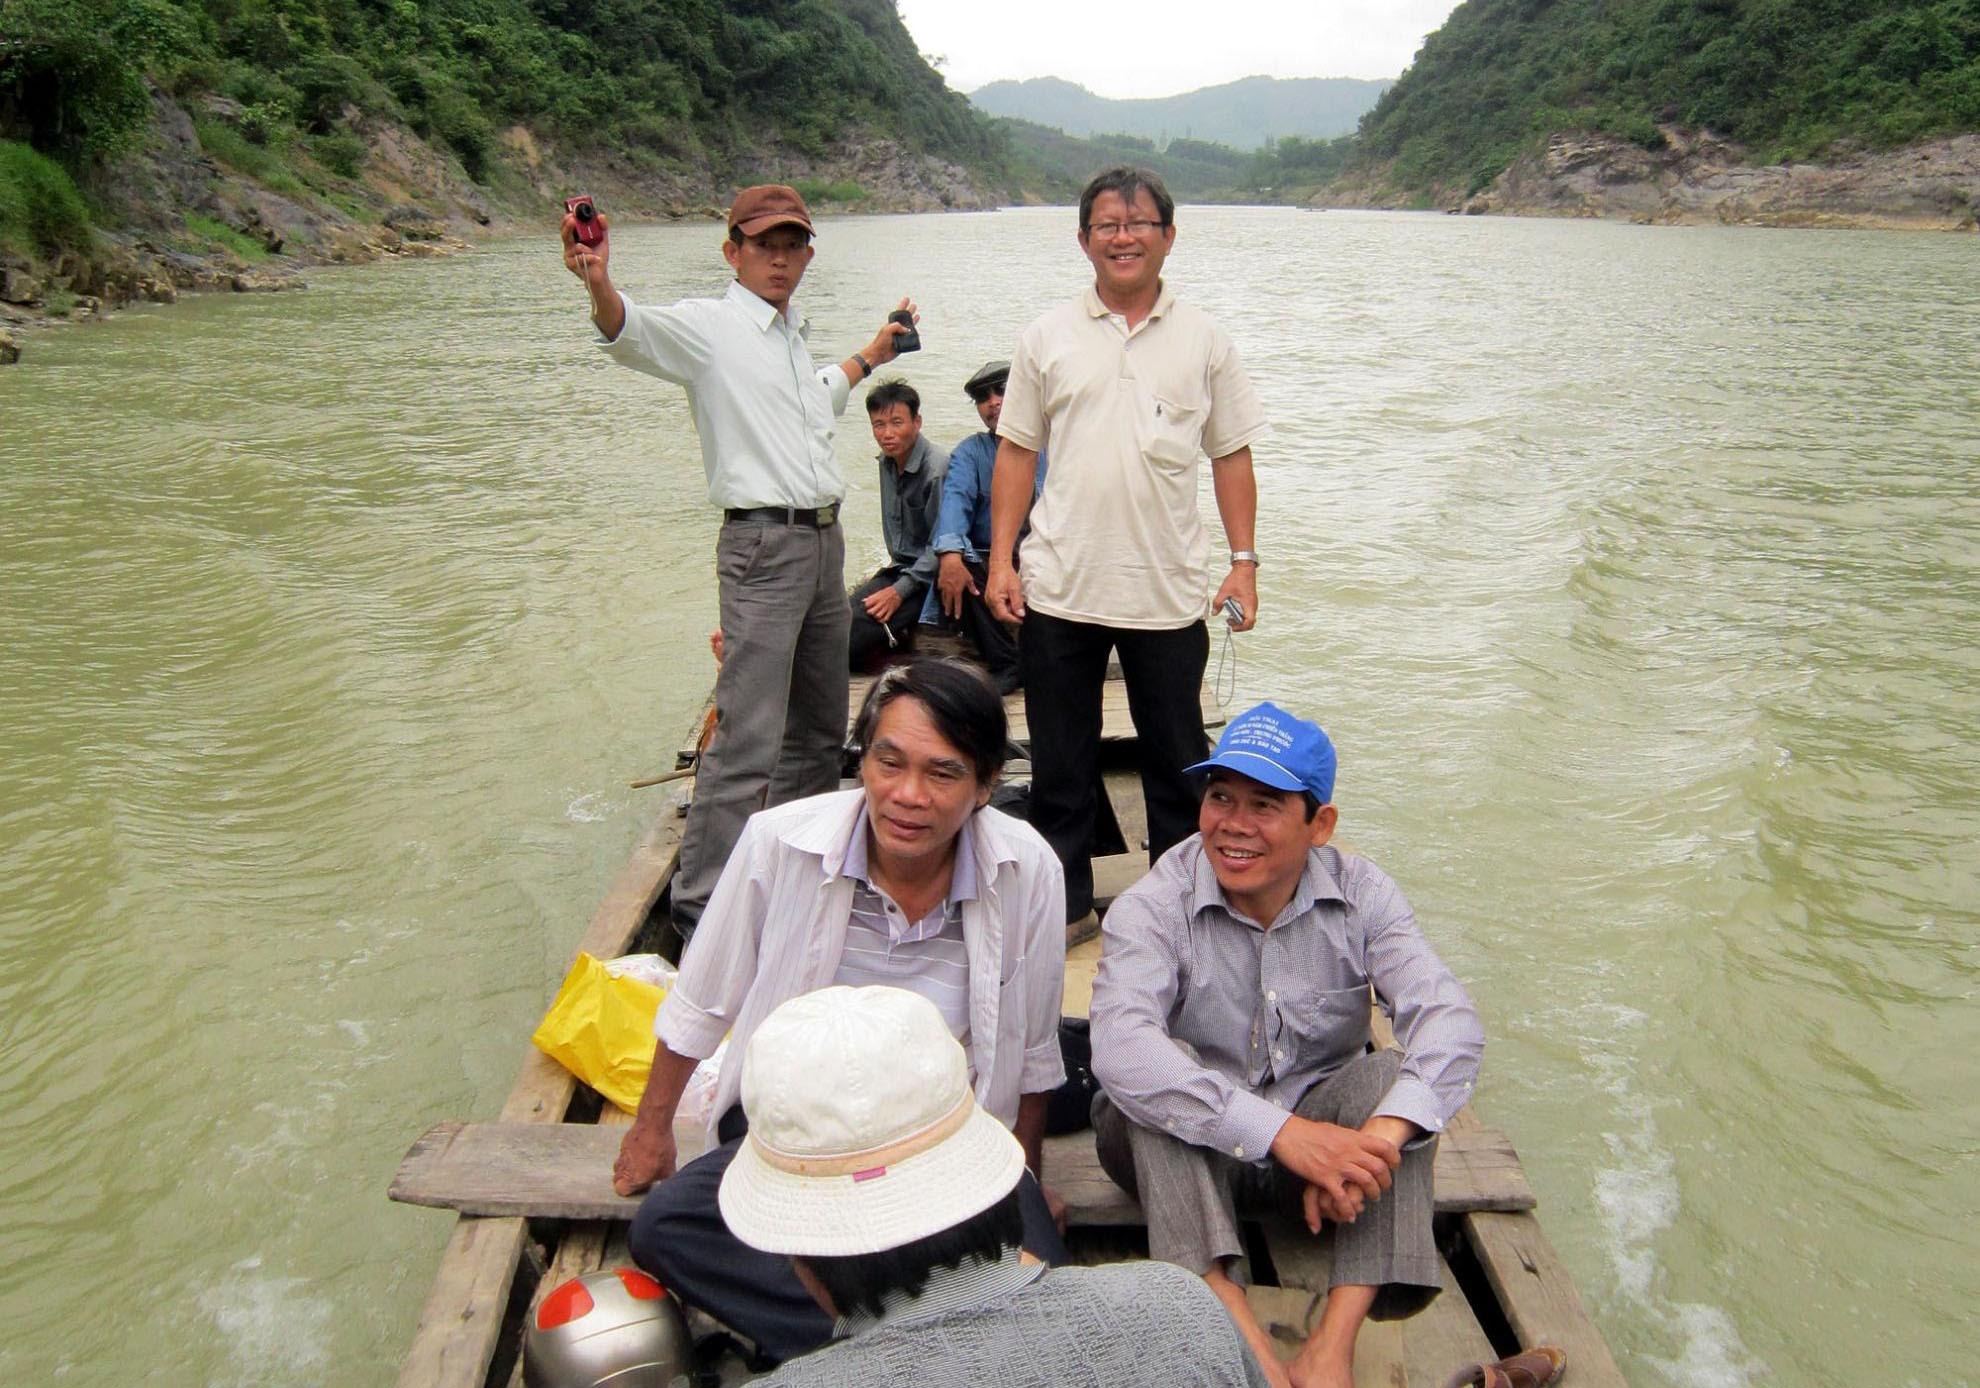 Các văn nghệ sĩ Quảng Nam trong một chuyến đi thực tế sáng tác trên sông Thu Bồn. Ảnh: B.A